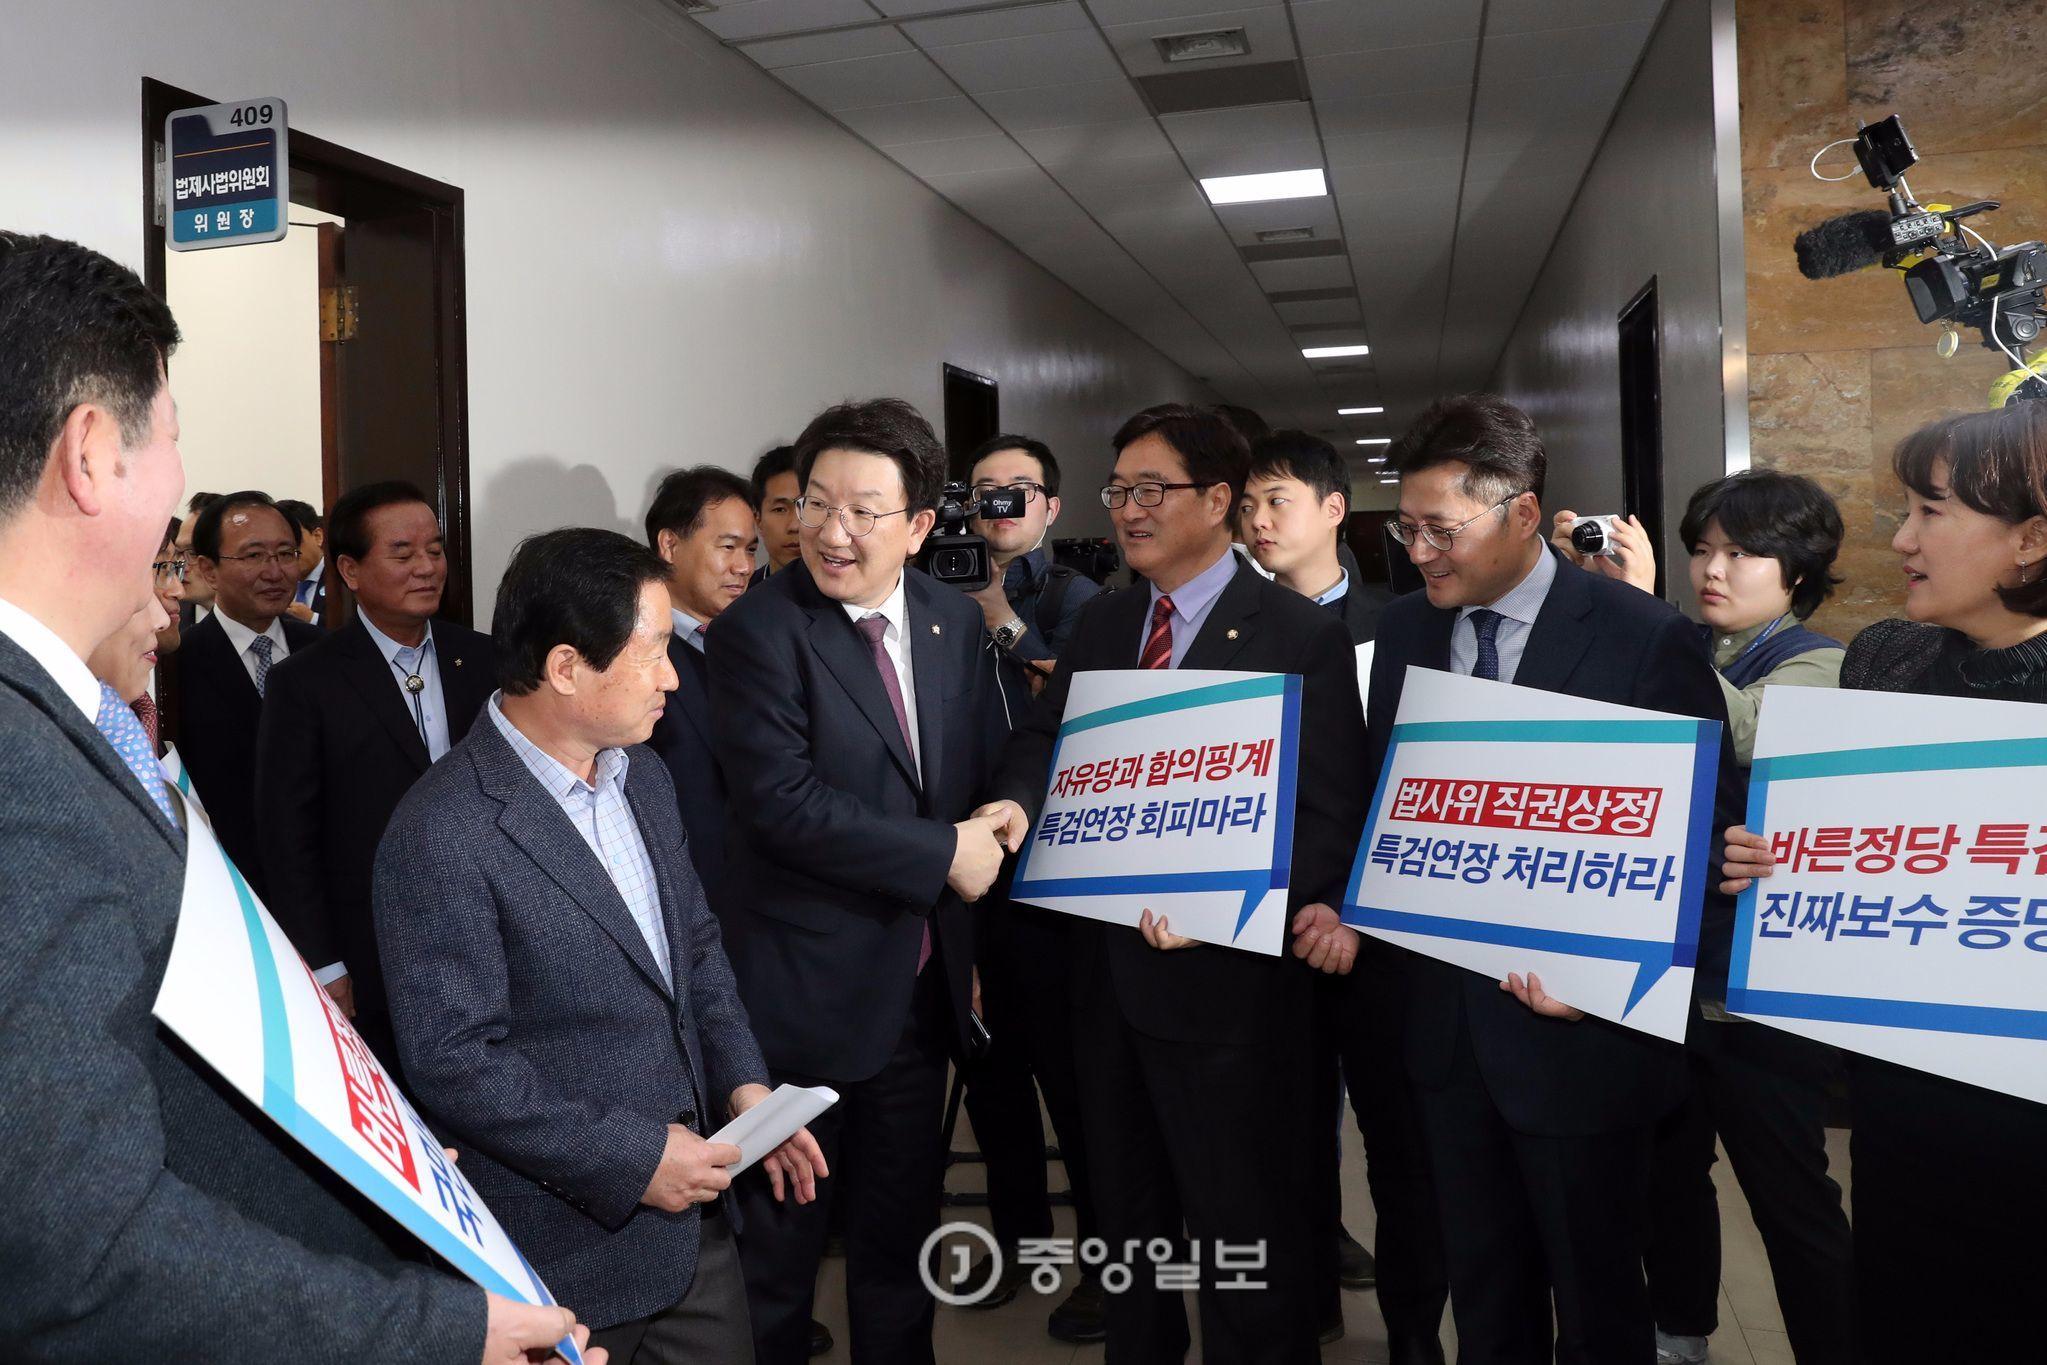 권성동 법사위원장이 2일 오후 서울 국회에서 열린 법제사법위원회의장으로 이동중에 특검 연장 법안 상정 피켓을 들고 항의하는 더불어민주당 의원들의 항의를 받고 있다.